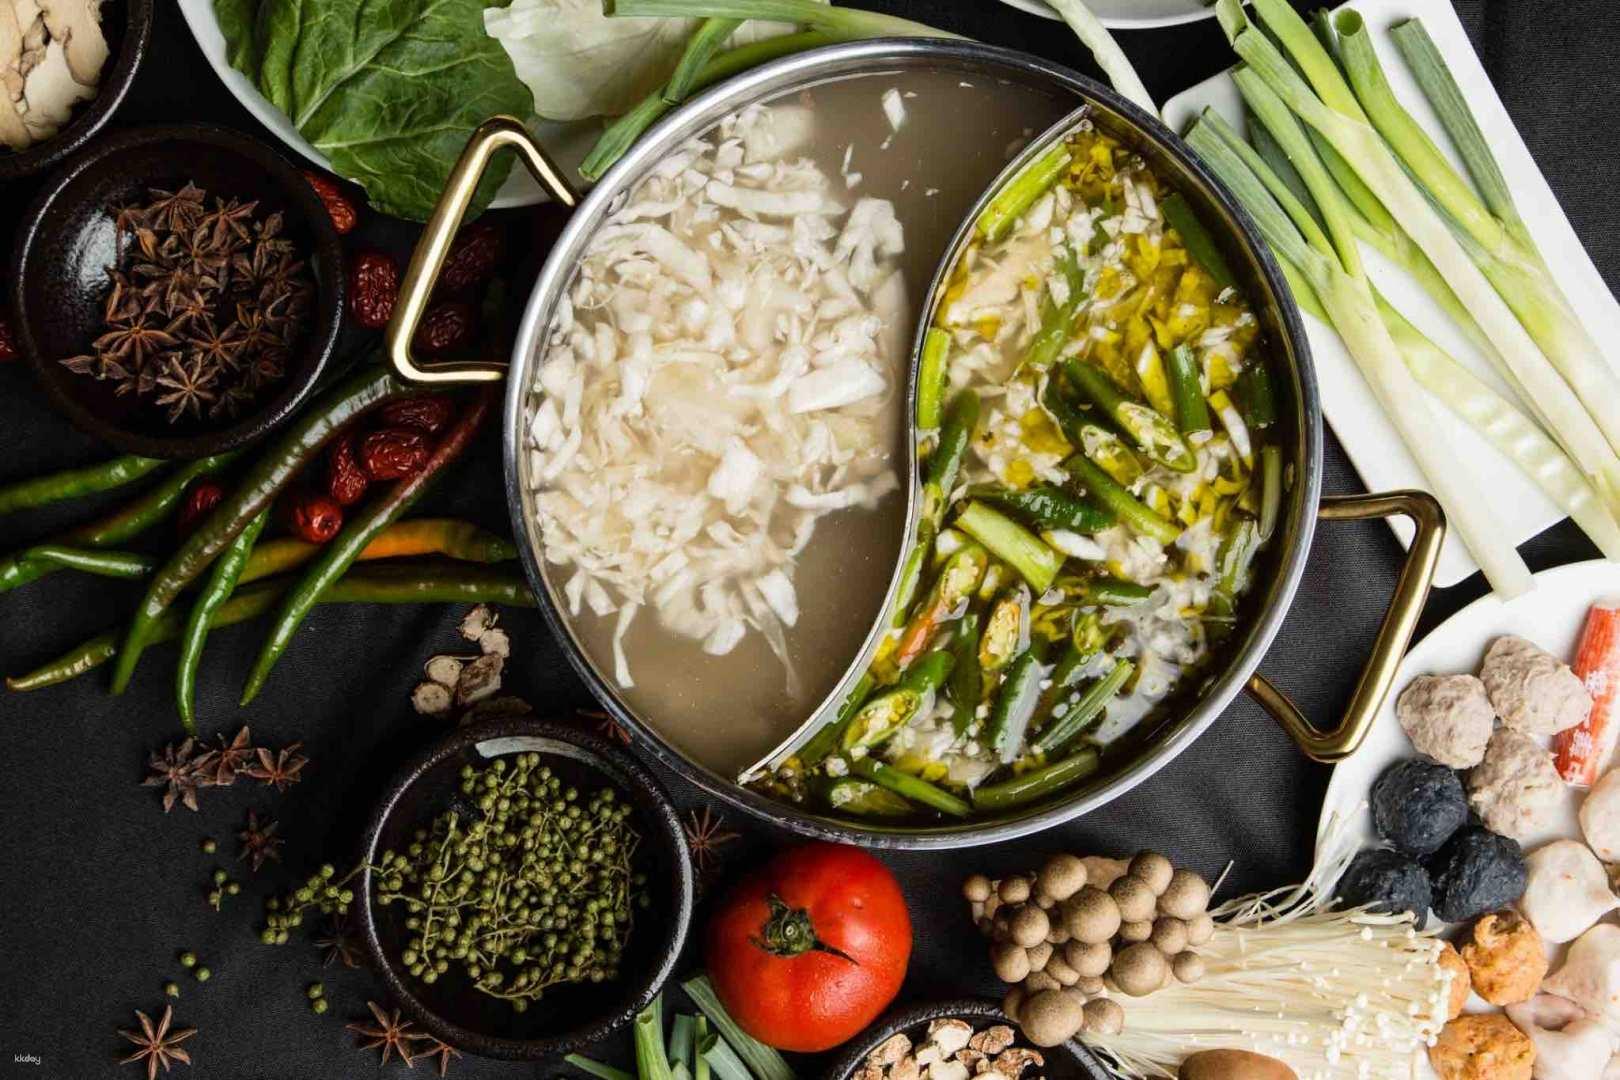 桃園-東北之家  酸菜白肉鍋 吃到飽